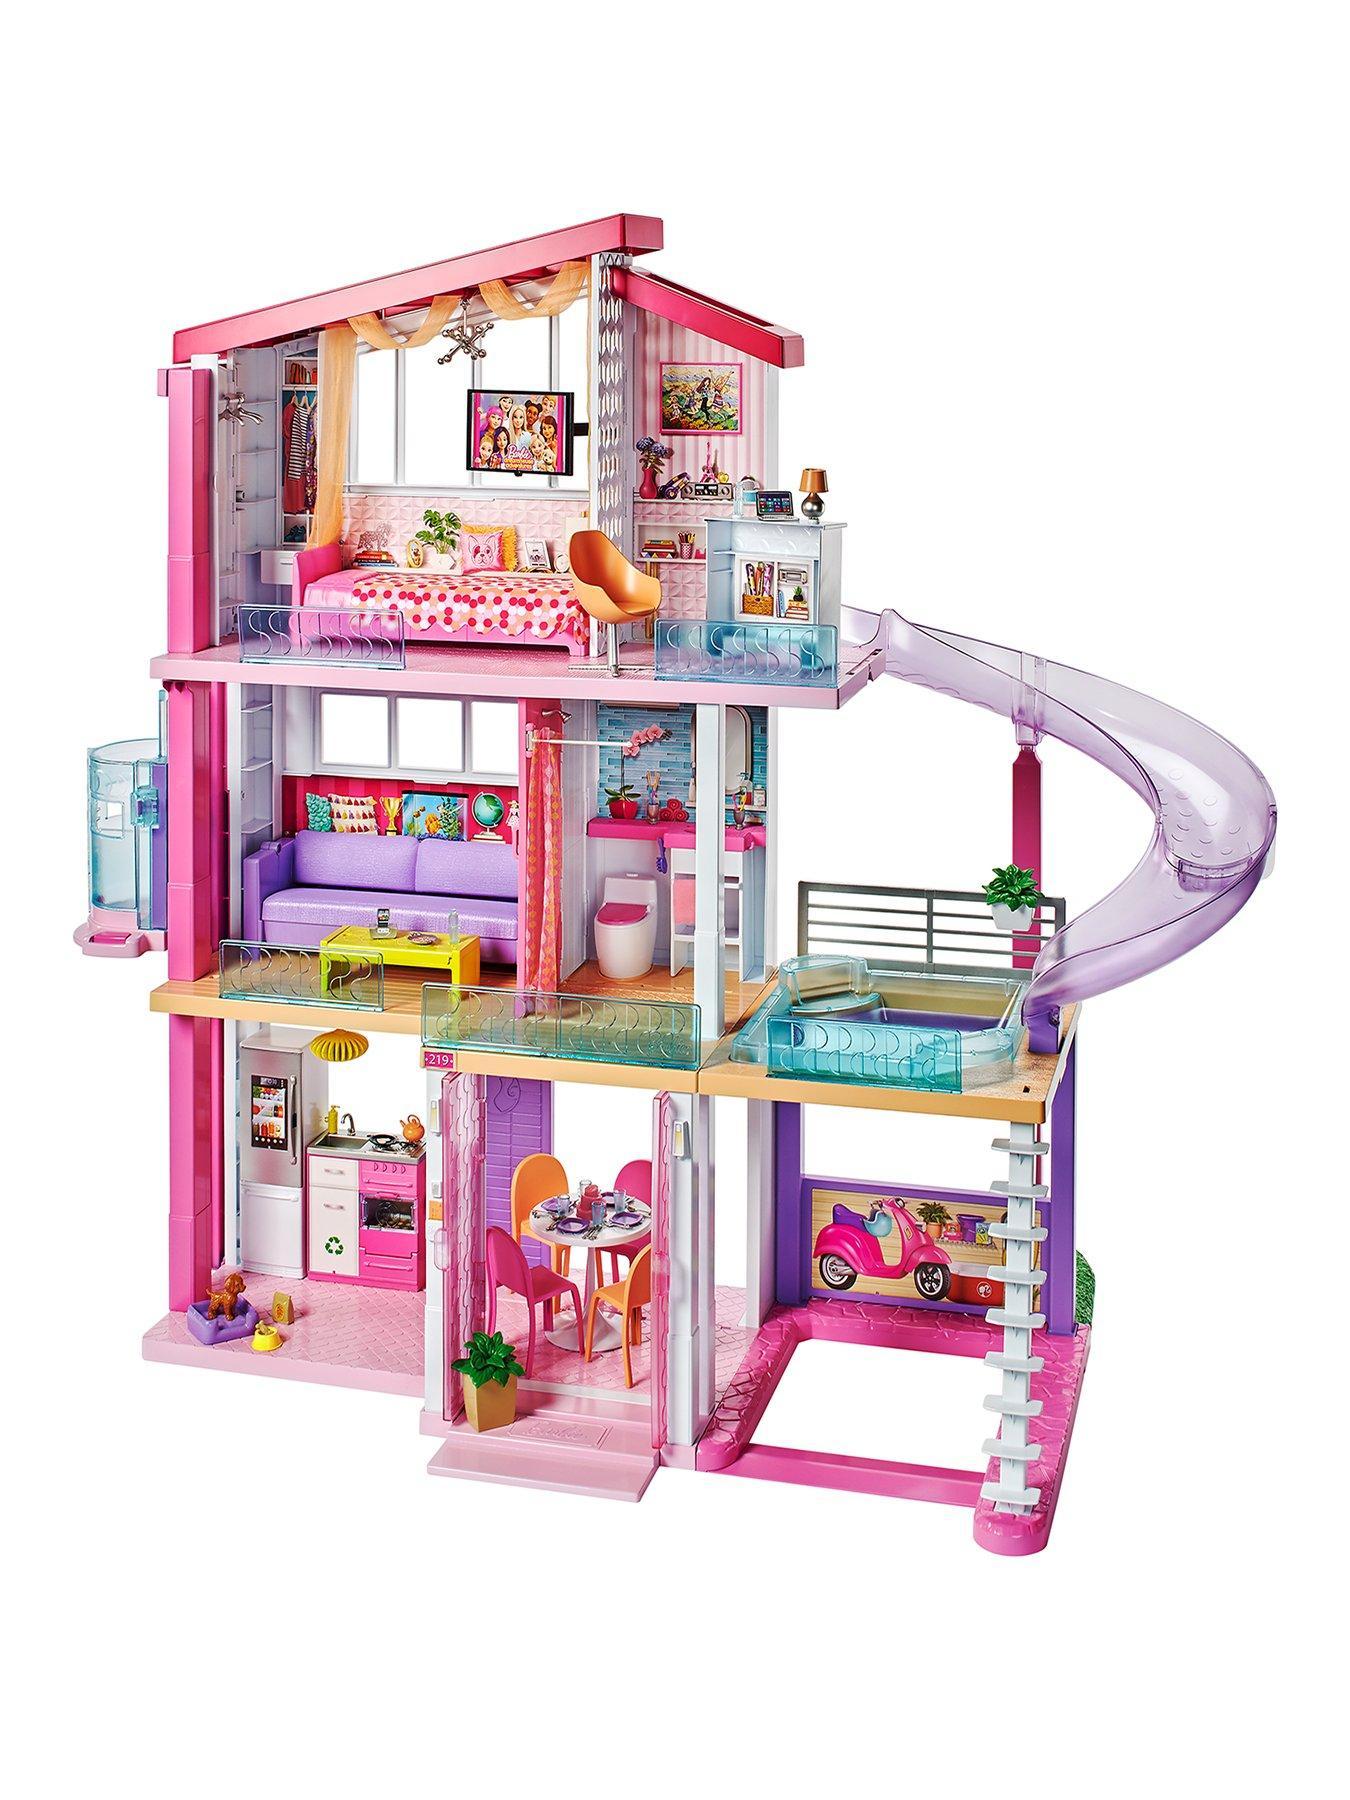 Dolls house catalogue free uk dating